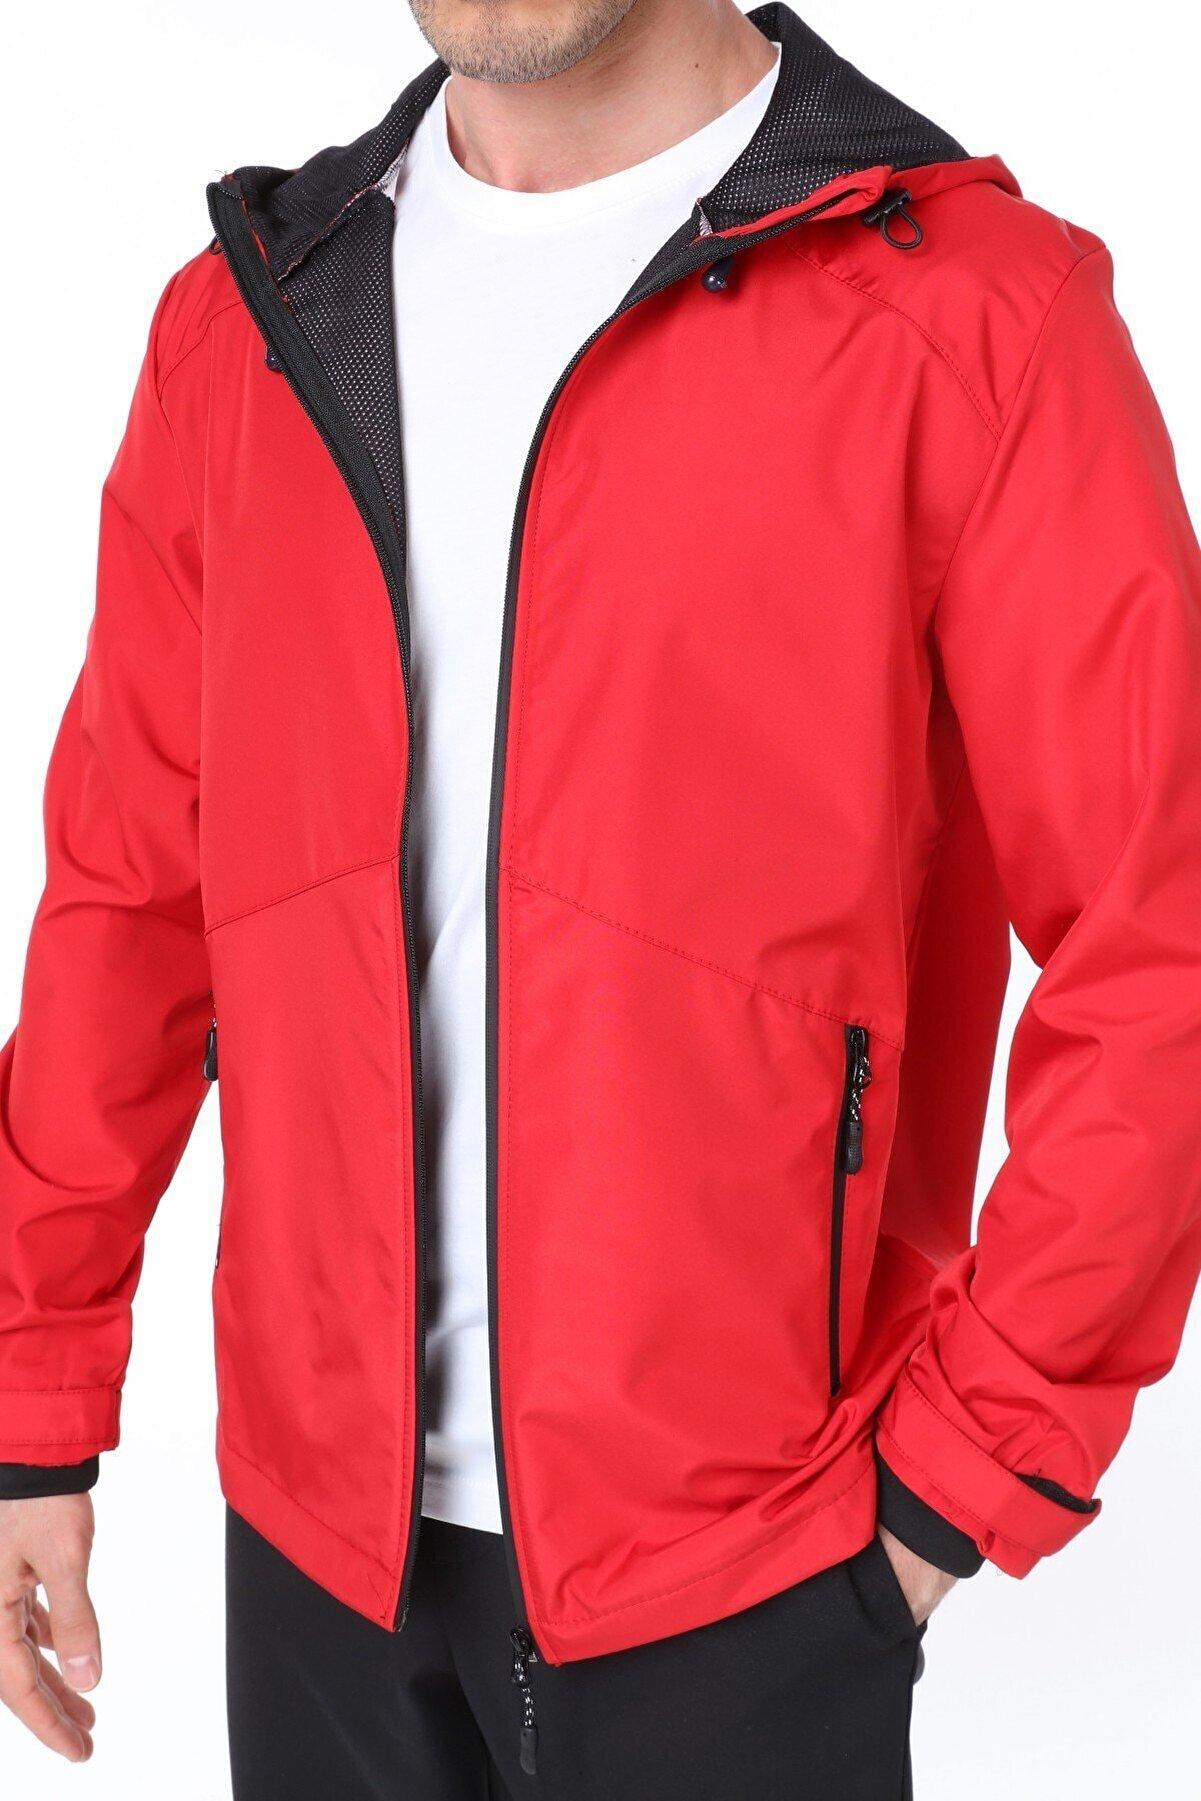 Ghassy Co Erkek Kırmızı Rüzgarlık/Yağmurluk Outdoor Omuz Detaylı Mevsimlik Spor Ceket